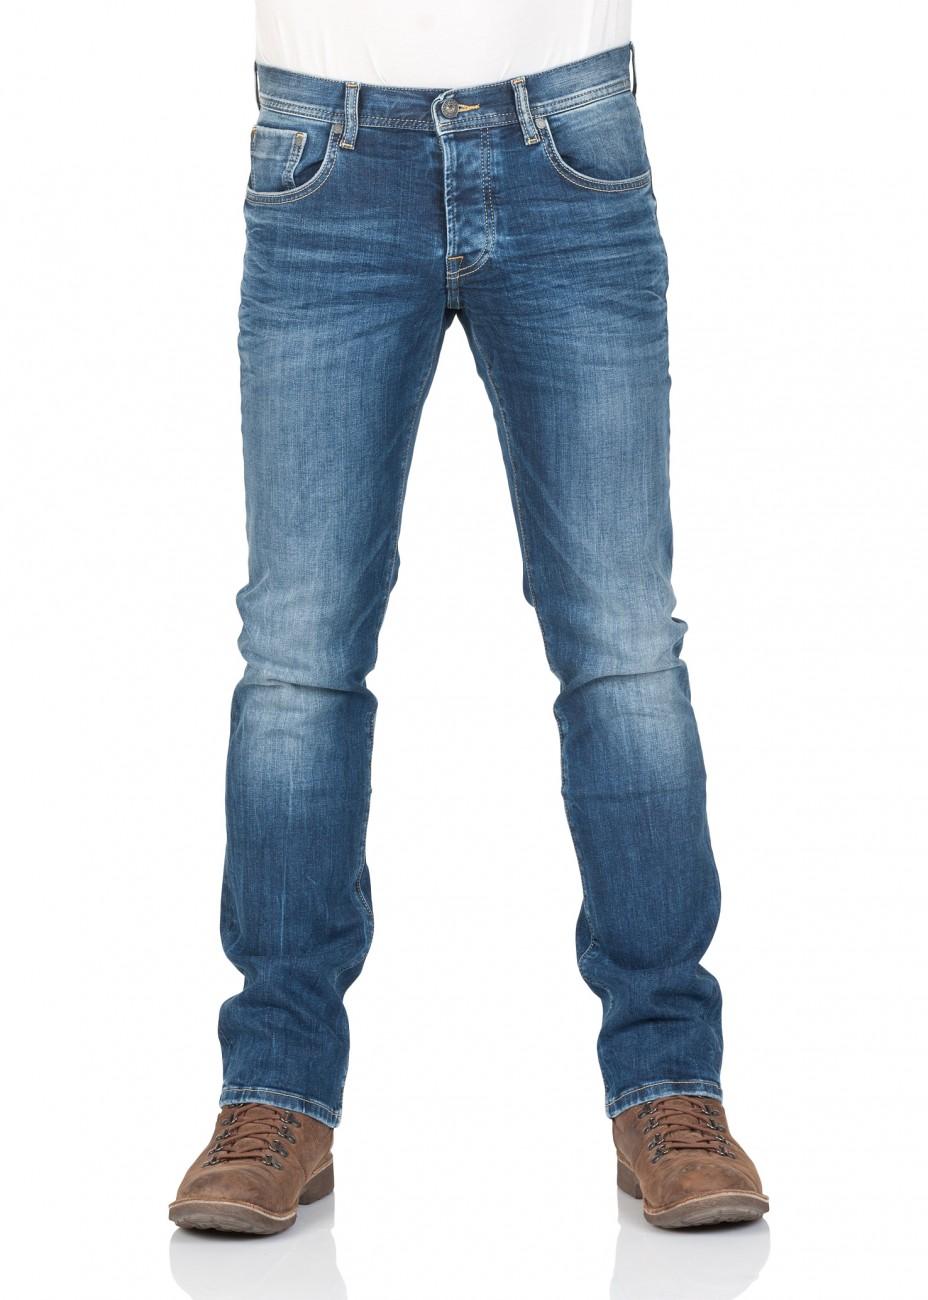 jeans herren bootcut preisvergleiche erfahrungsberichte und kauf bei nextag. Black Bedroom Furniture Sets. Home Design Ideas